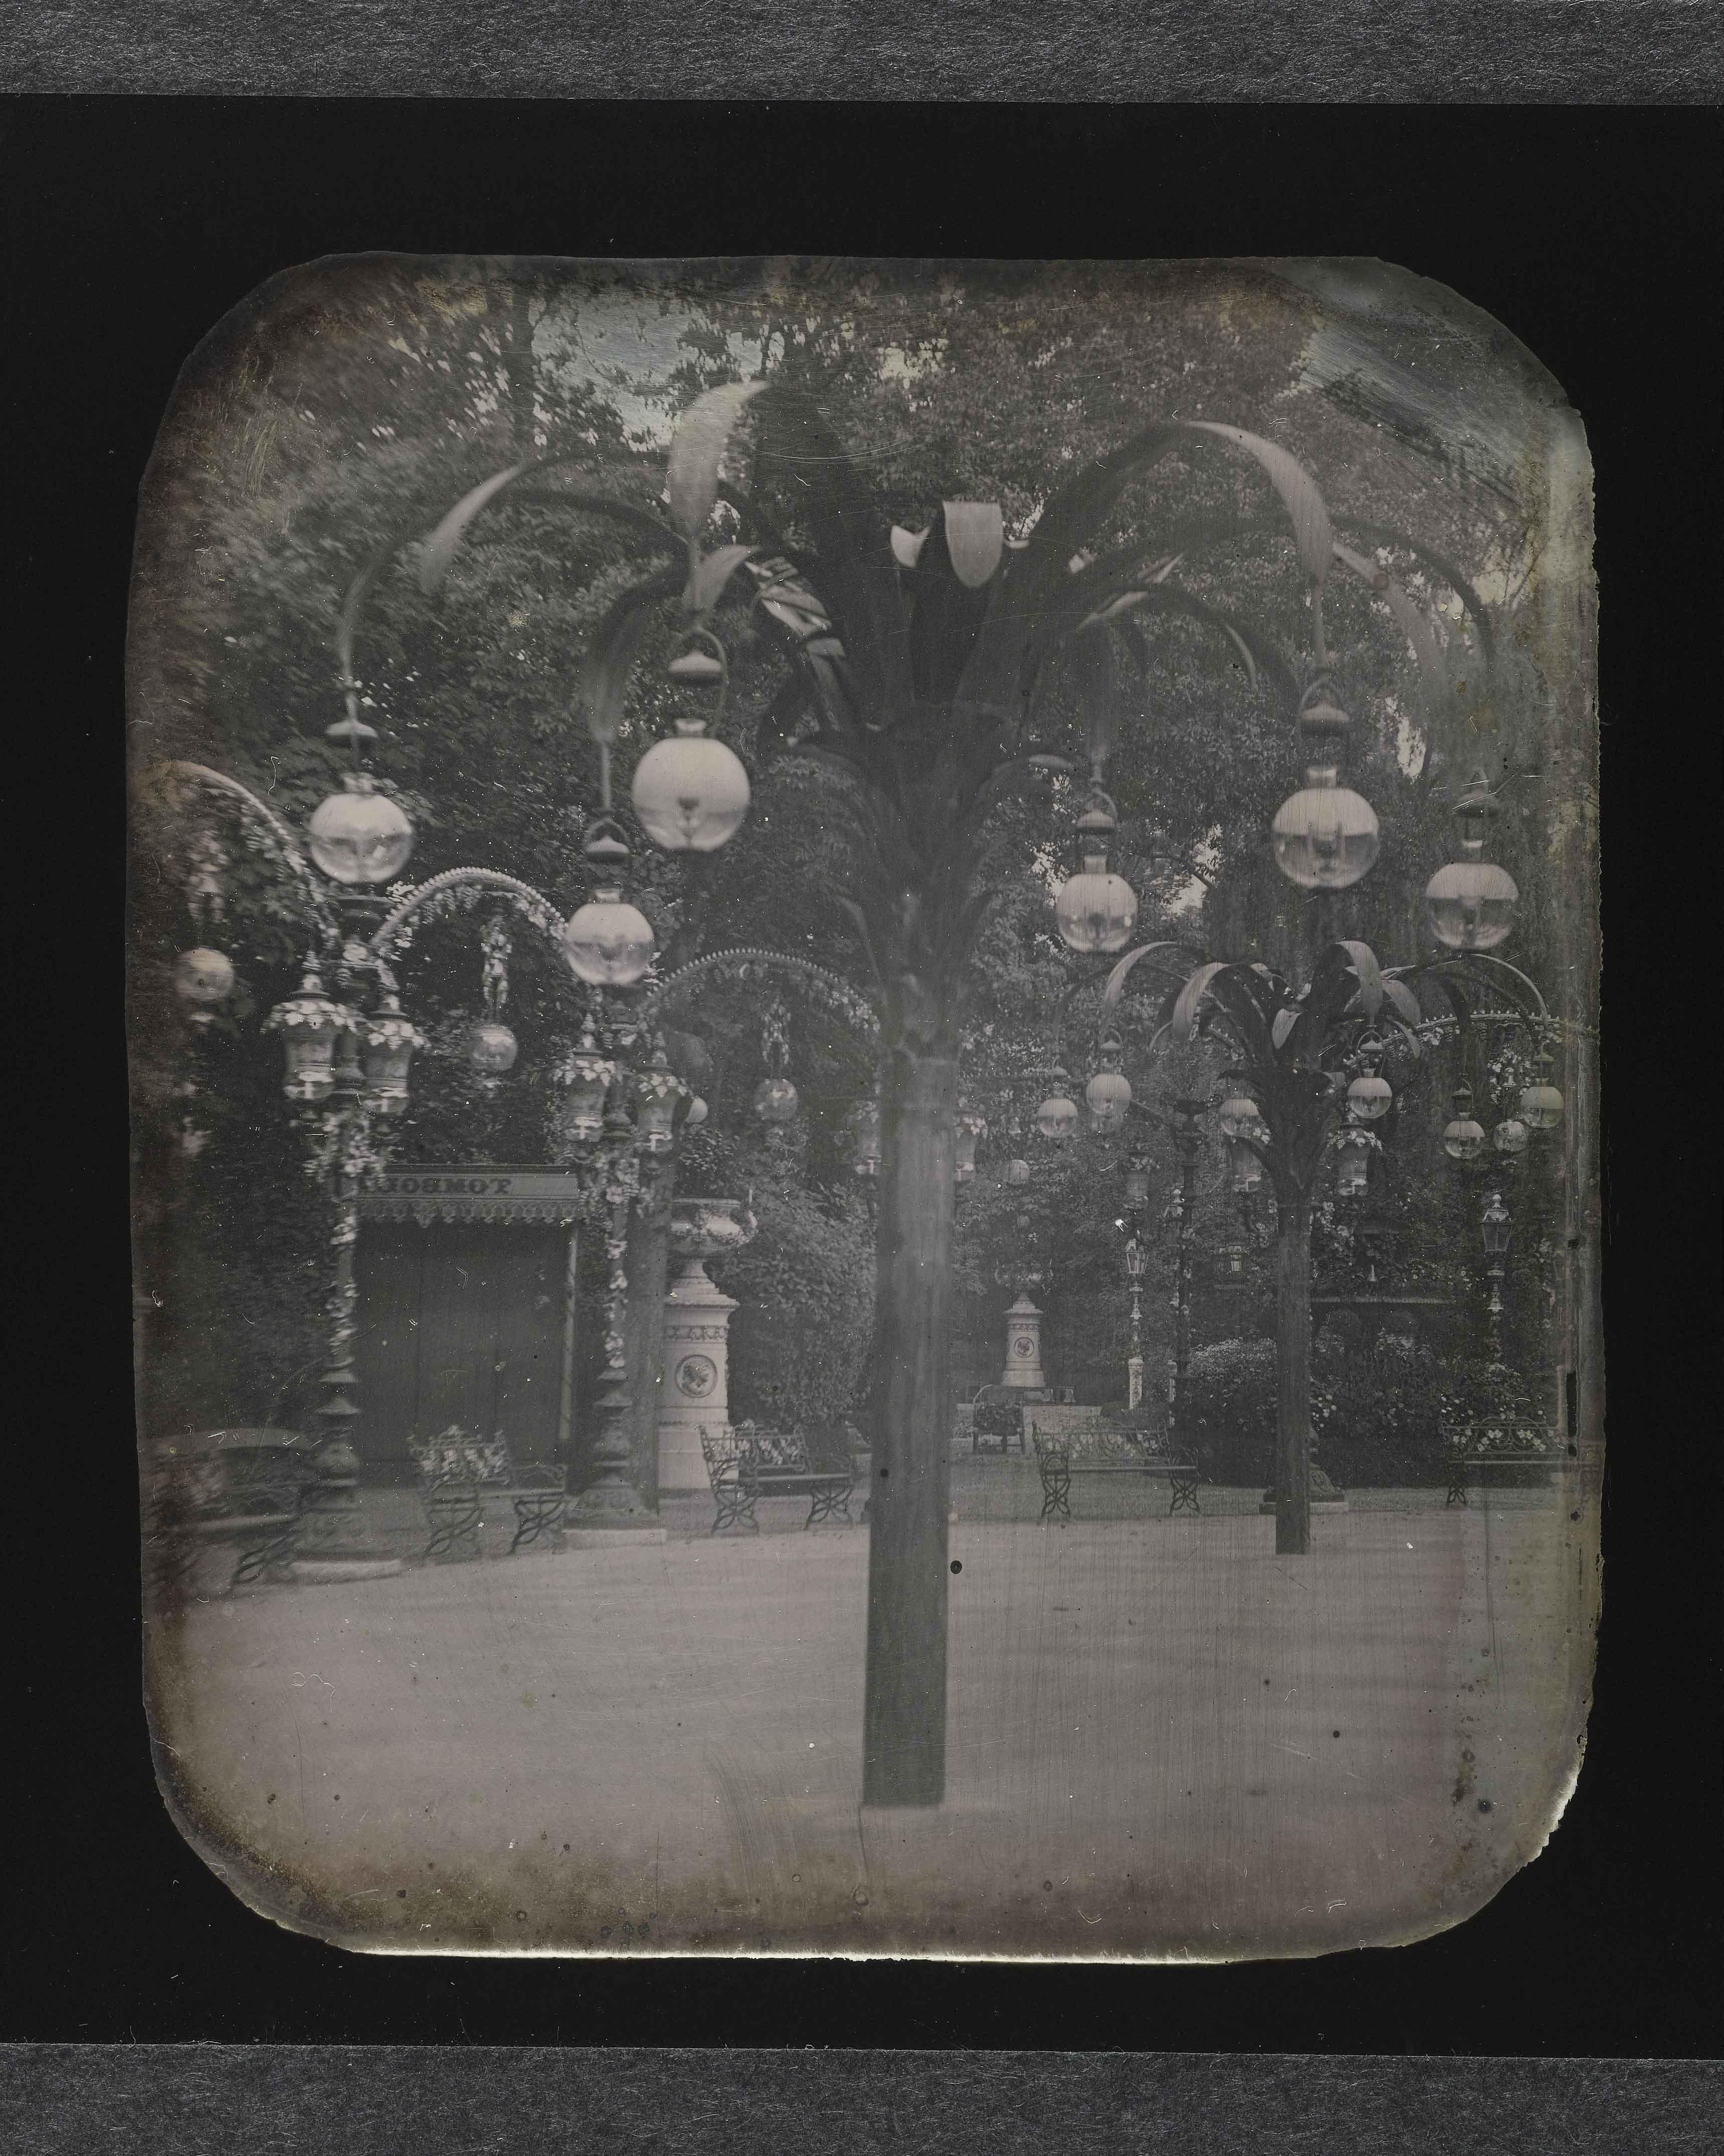 Palmiers en acier du bal MabilleReproduction d'un daguerréotype stéréoscopique, vers 1850 © Carole Rabourdin / Musée Carnavalet / Roger-Viollet